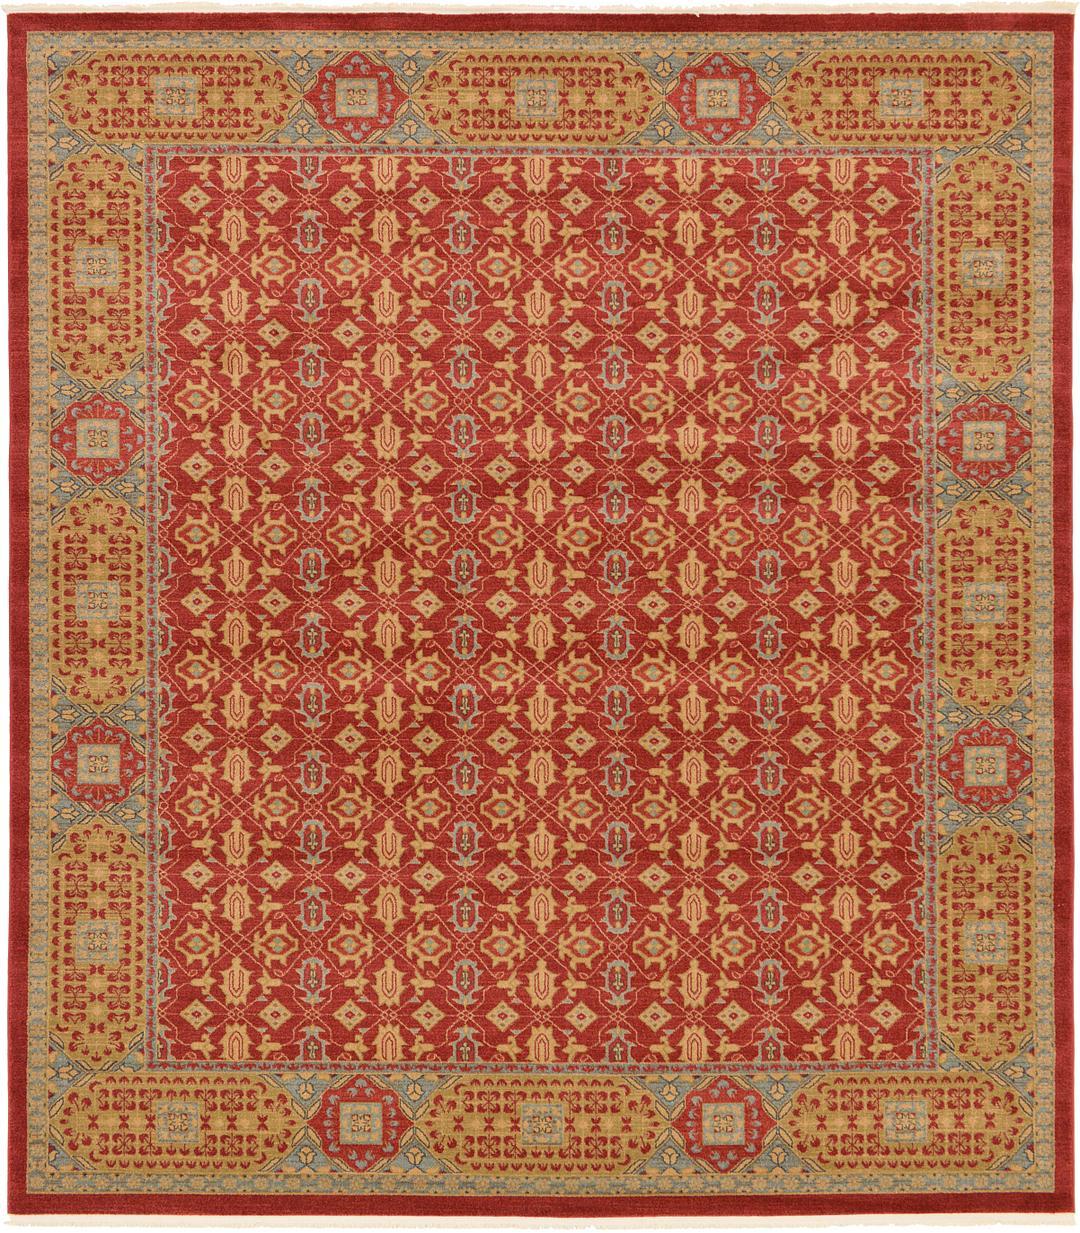 Main Unique Loom 10u0027 X 11u0027 4 Palace Square Rug Photo